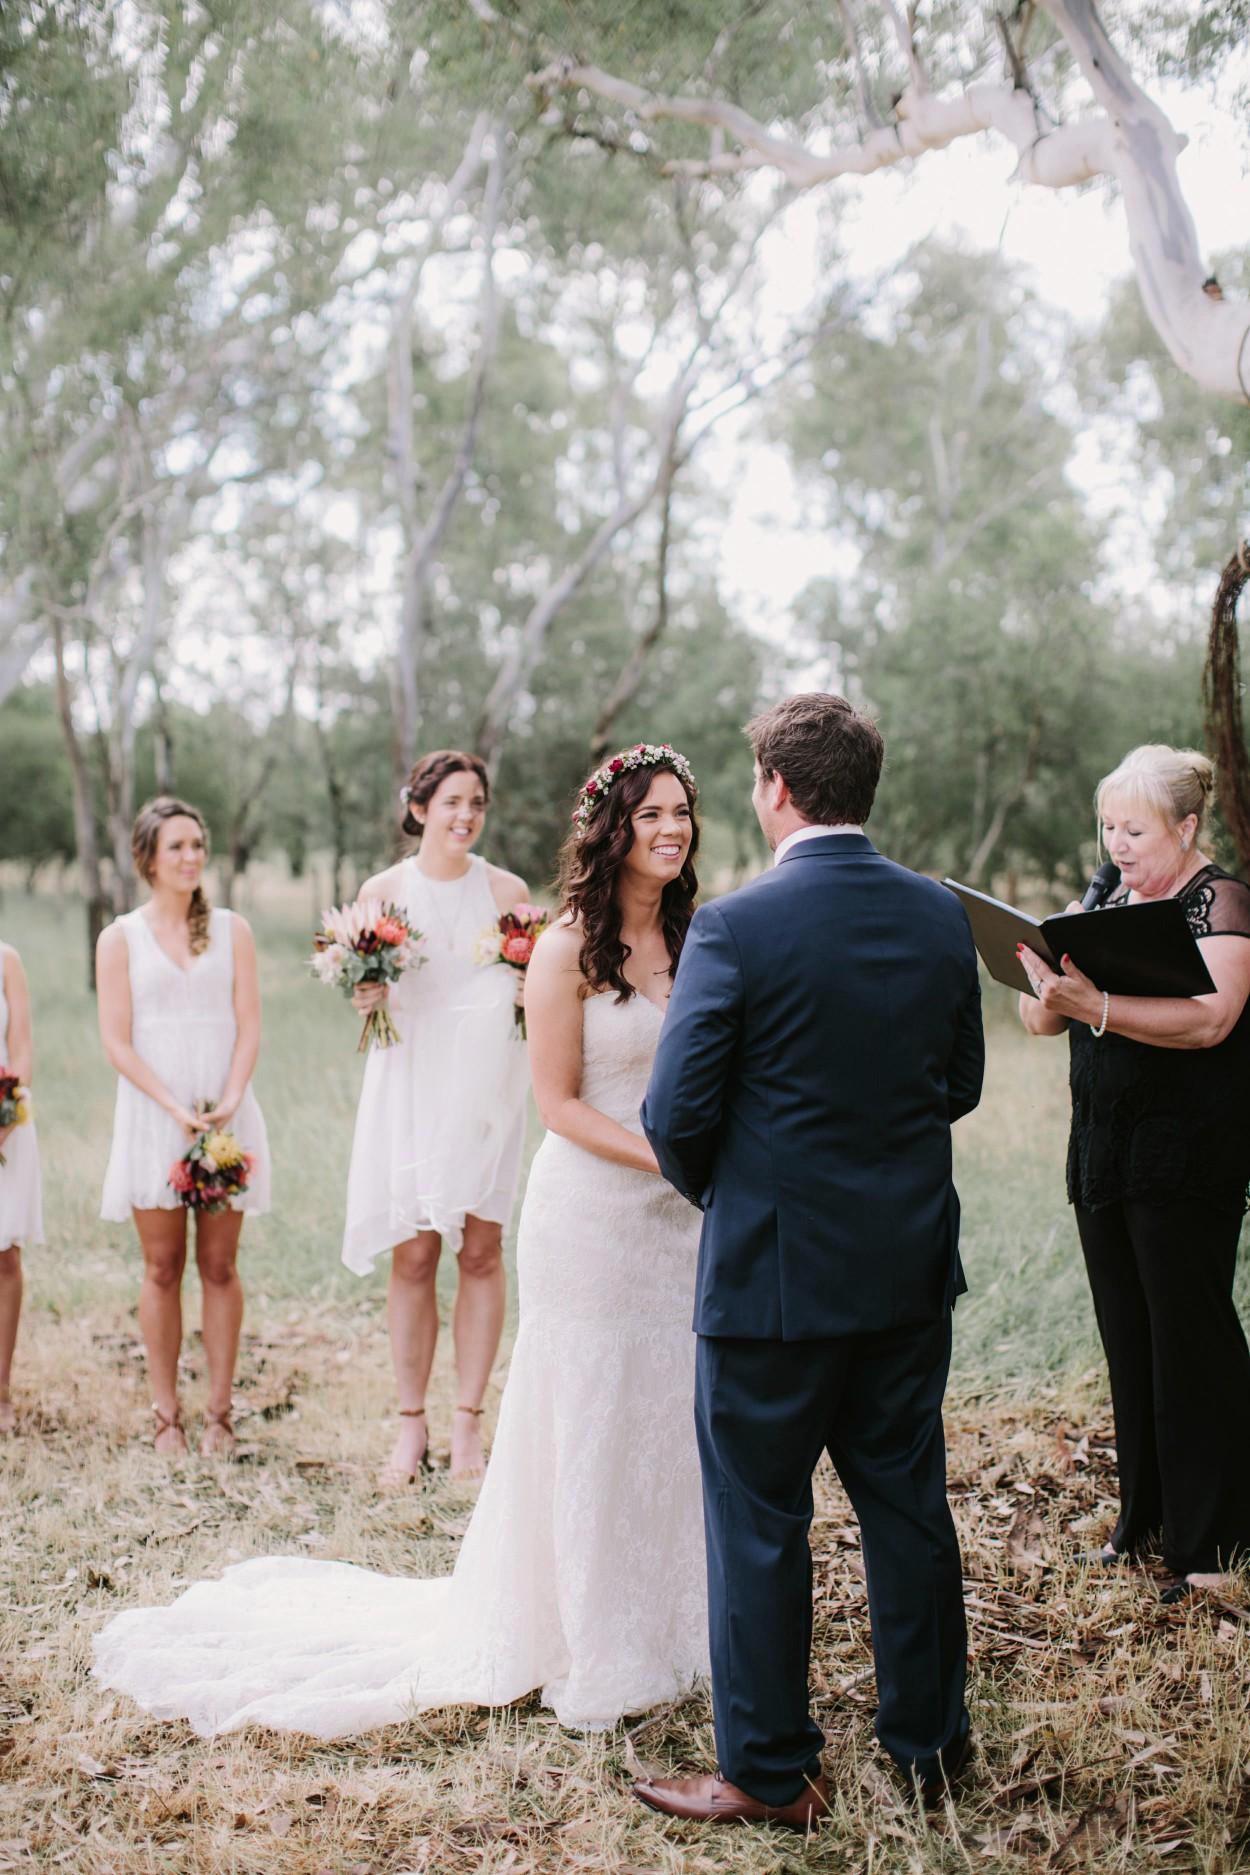 I-Got-You-Babe-&-Co.-Wedding-Photographers-Milina002.jpg